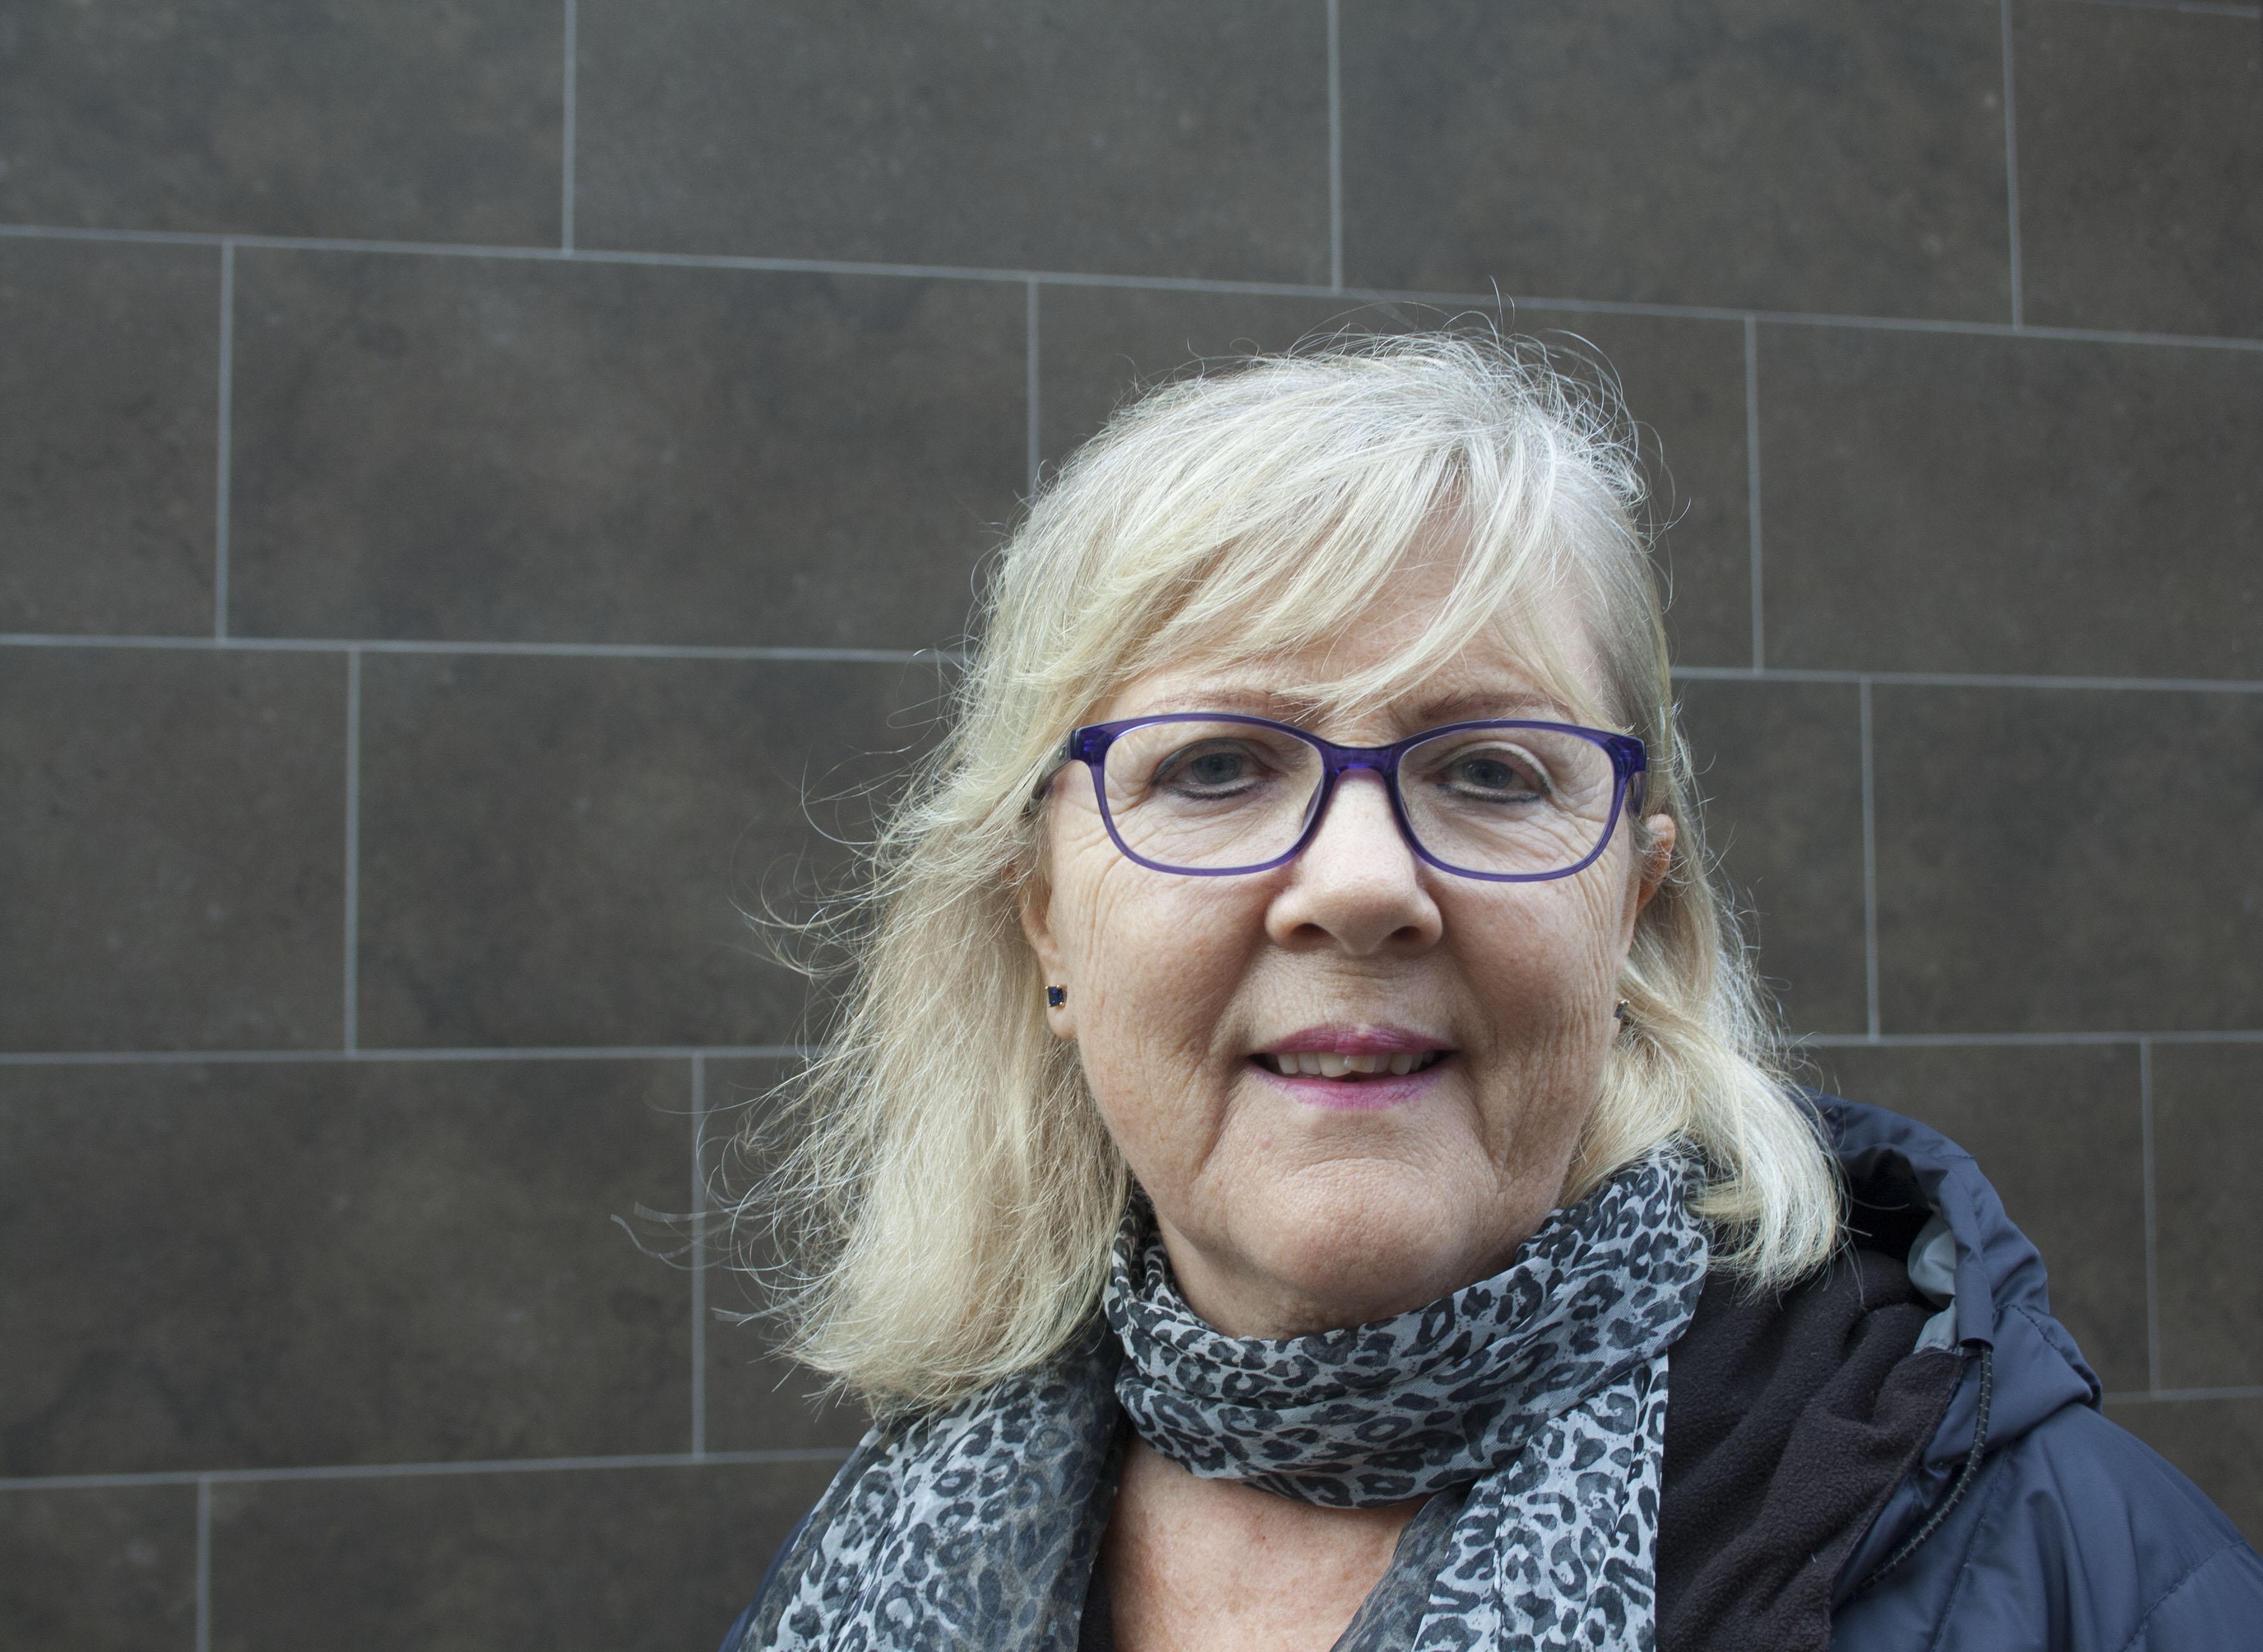 Namn: Grazyna Nilsson Ålder: 69 – Jag tycker Socialdemokraterna har gjort många framsteg och tänker på sina medborgare.